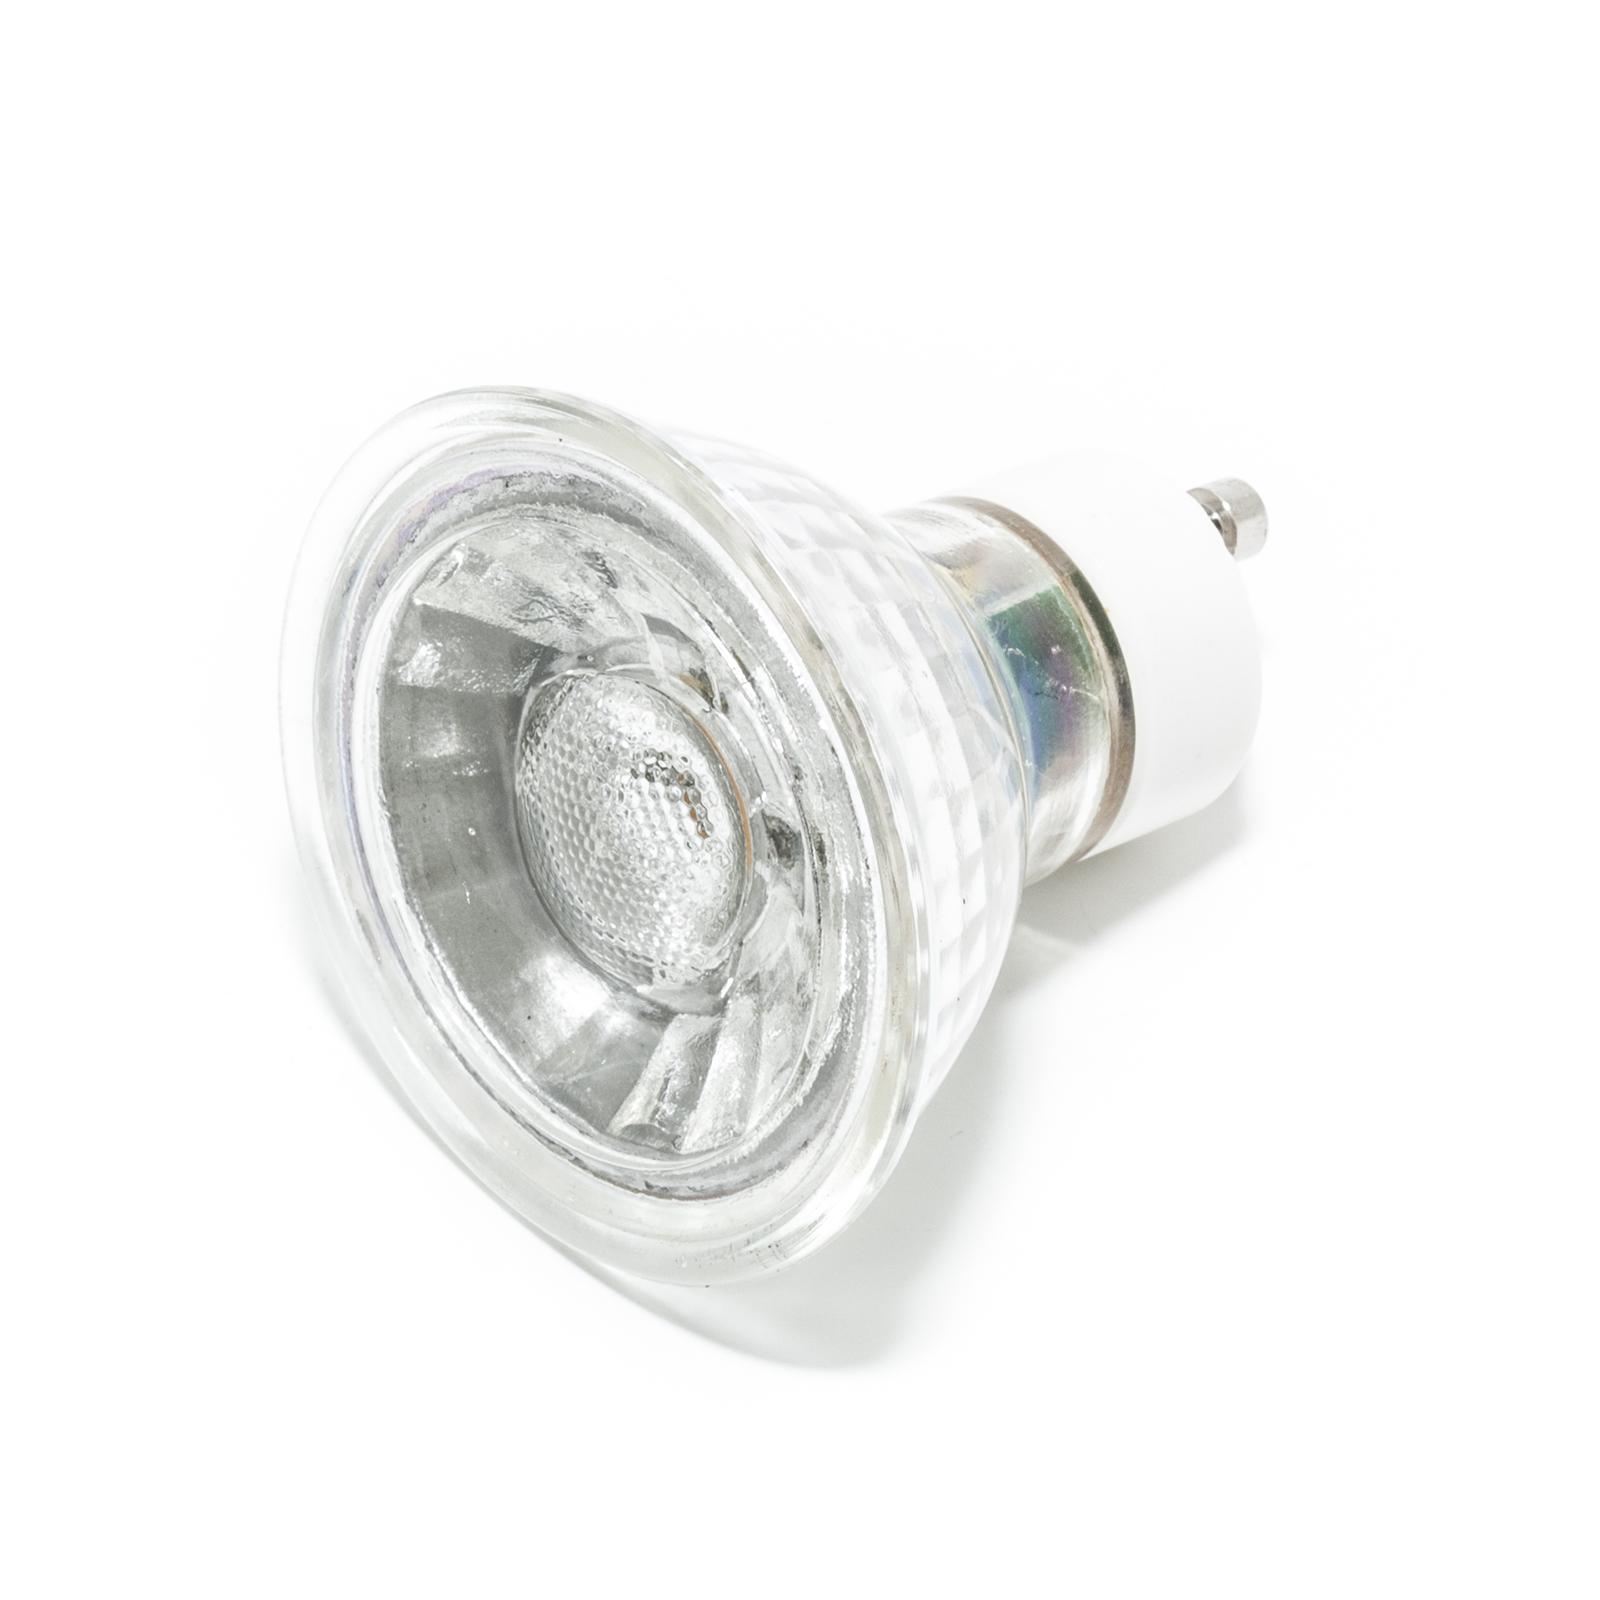 crossled: Led-strahler 5w mit erdspieß garten-lampe GU10 30 grad ...